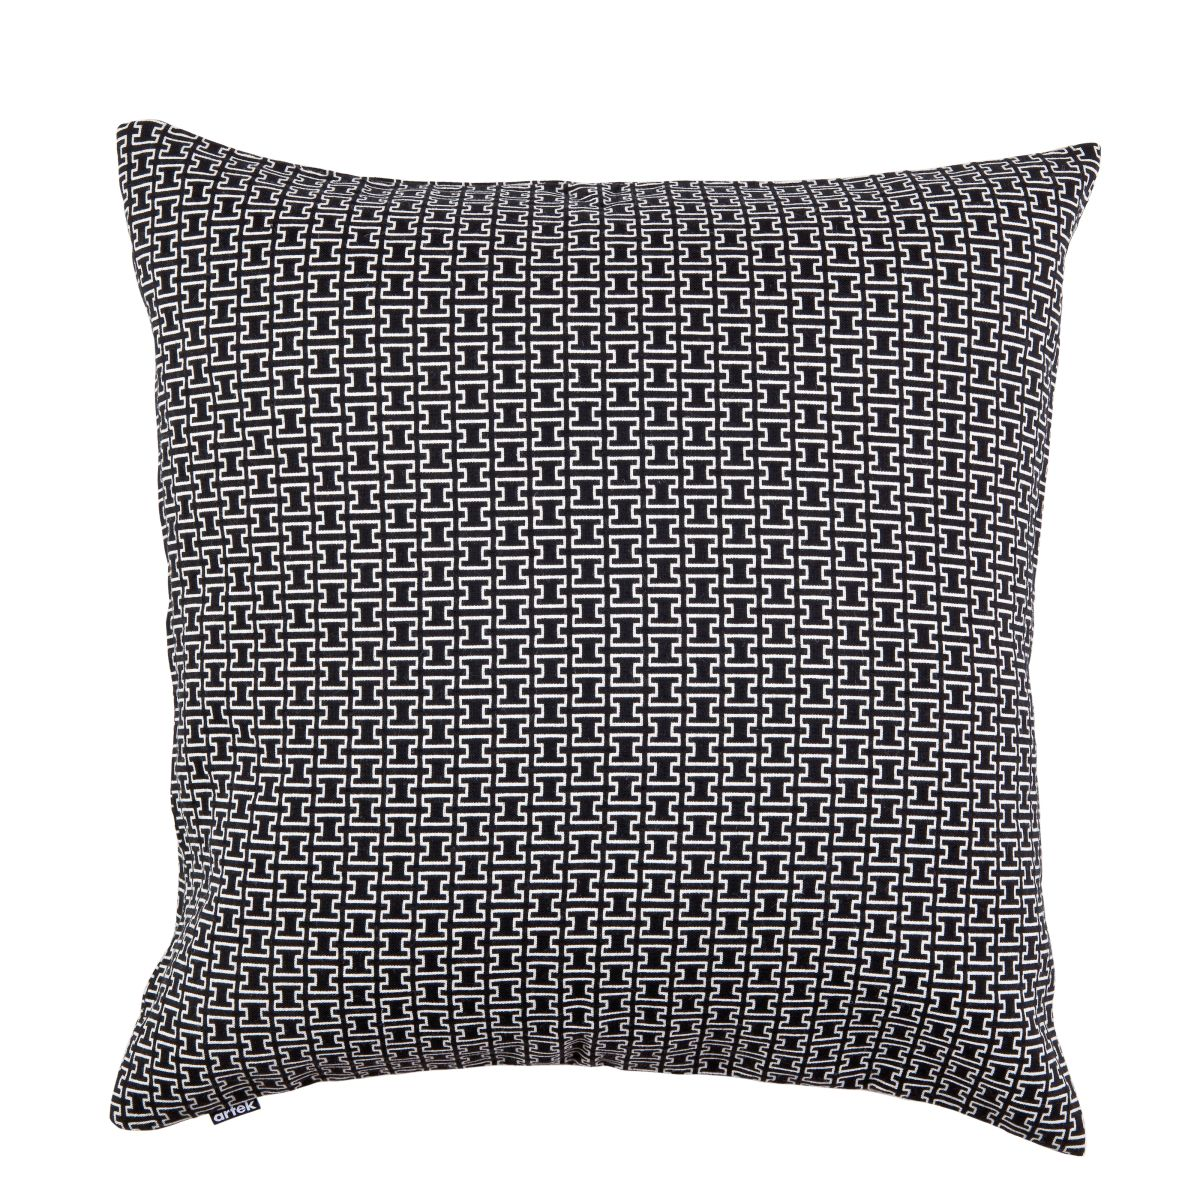 H55-Cushion-Cover-Black-White-50X50